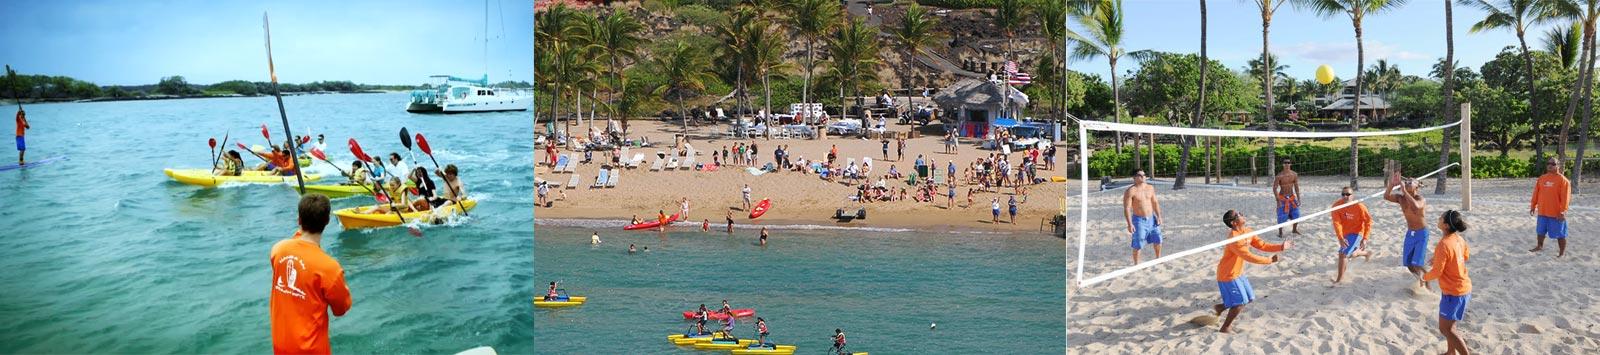 Beach Blasts - Hawaii Ocean Sports